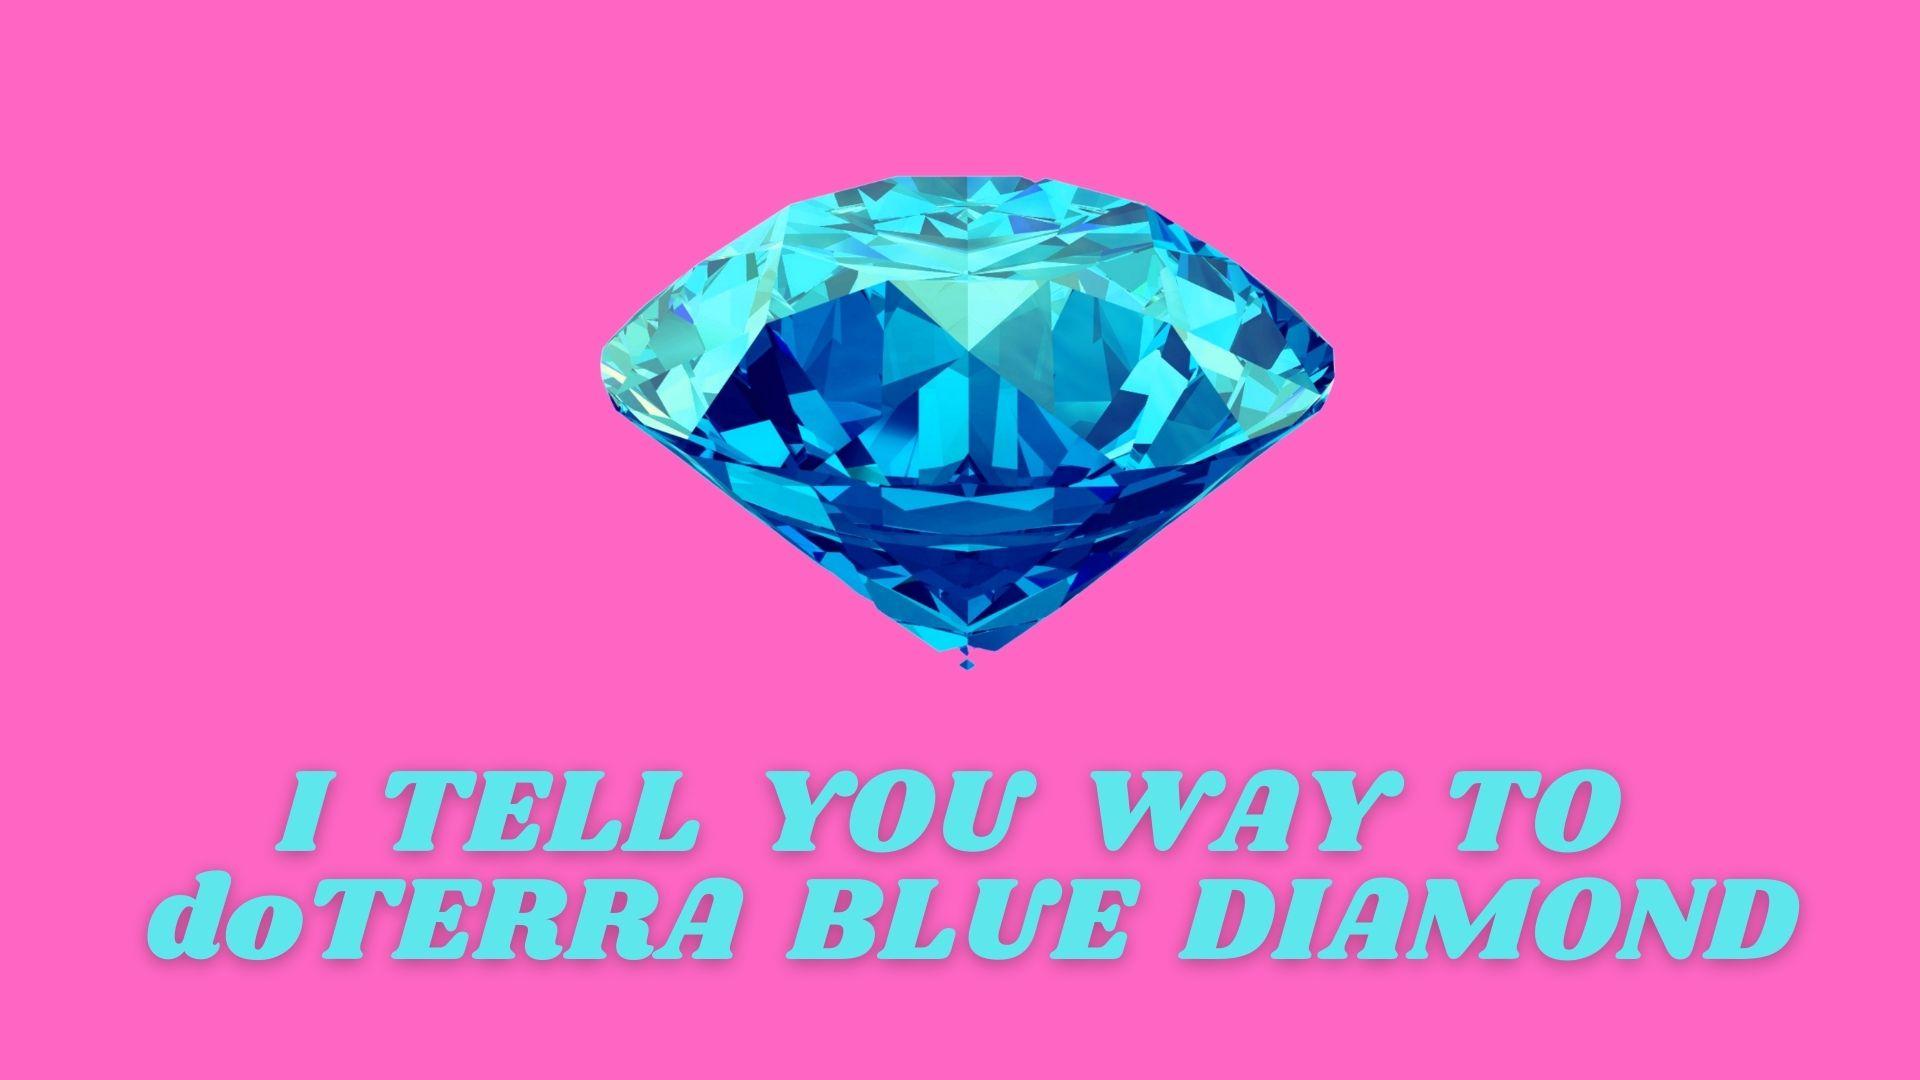 ブルーダイアモンドへの道を伝える